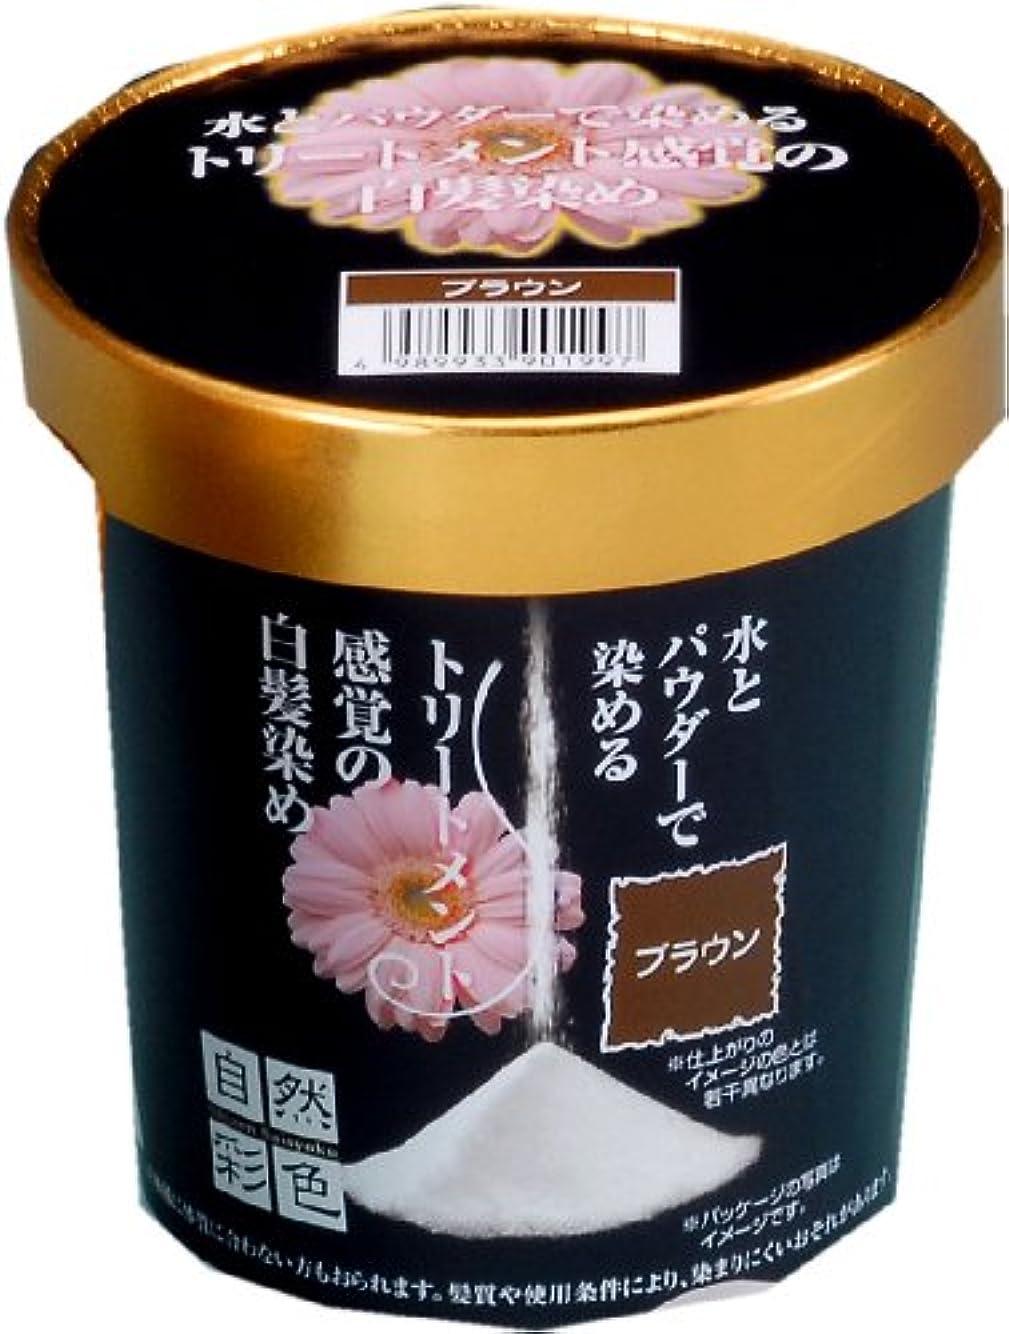 つば疑い戦艦鈴木油脂工業 自然彩色 白髪染め 染美A ハーブの香り ナチュラルブラウン 30g